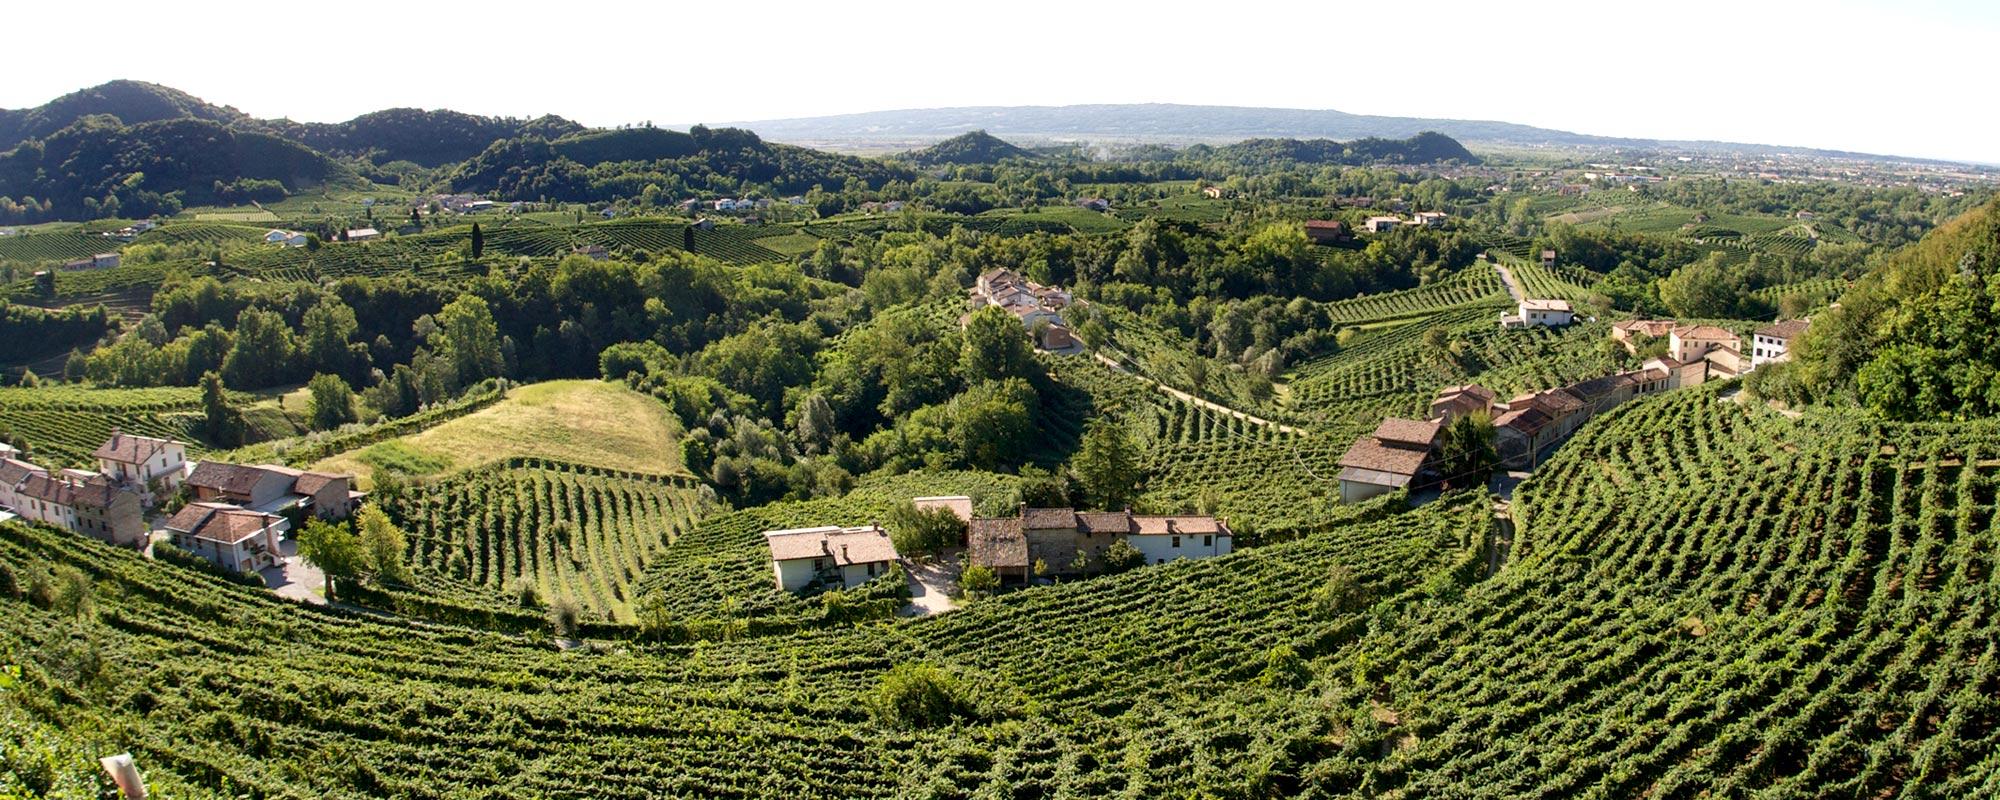 vigne prosecco conegliano italie